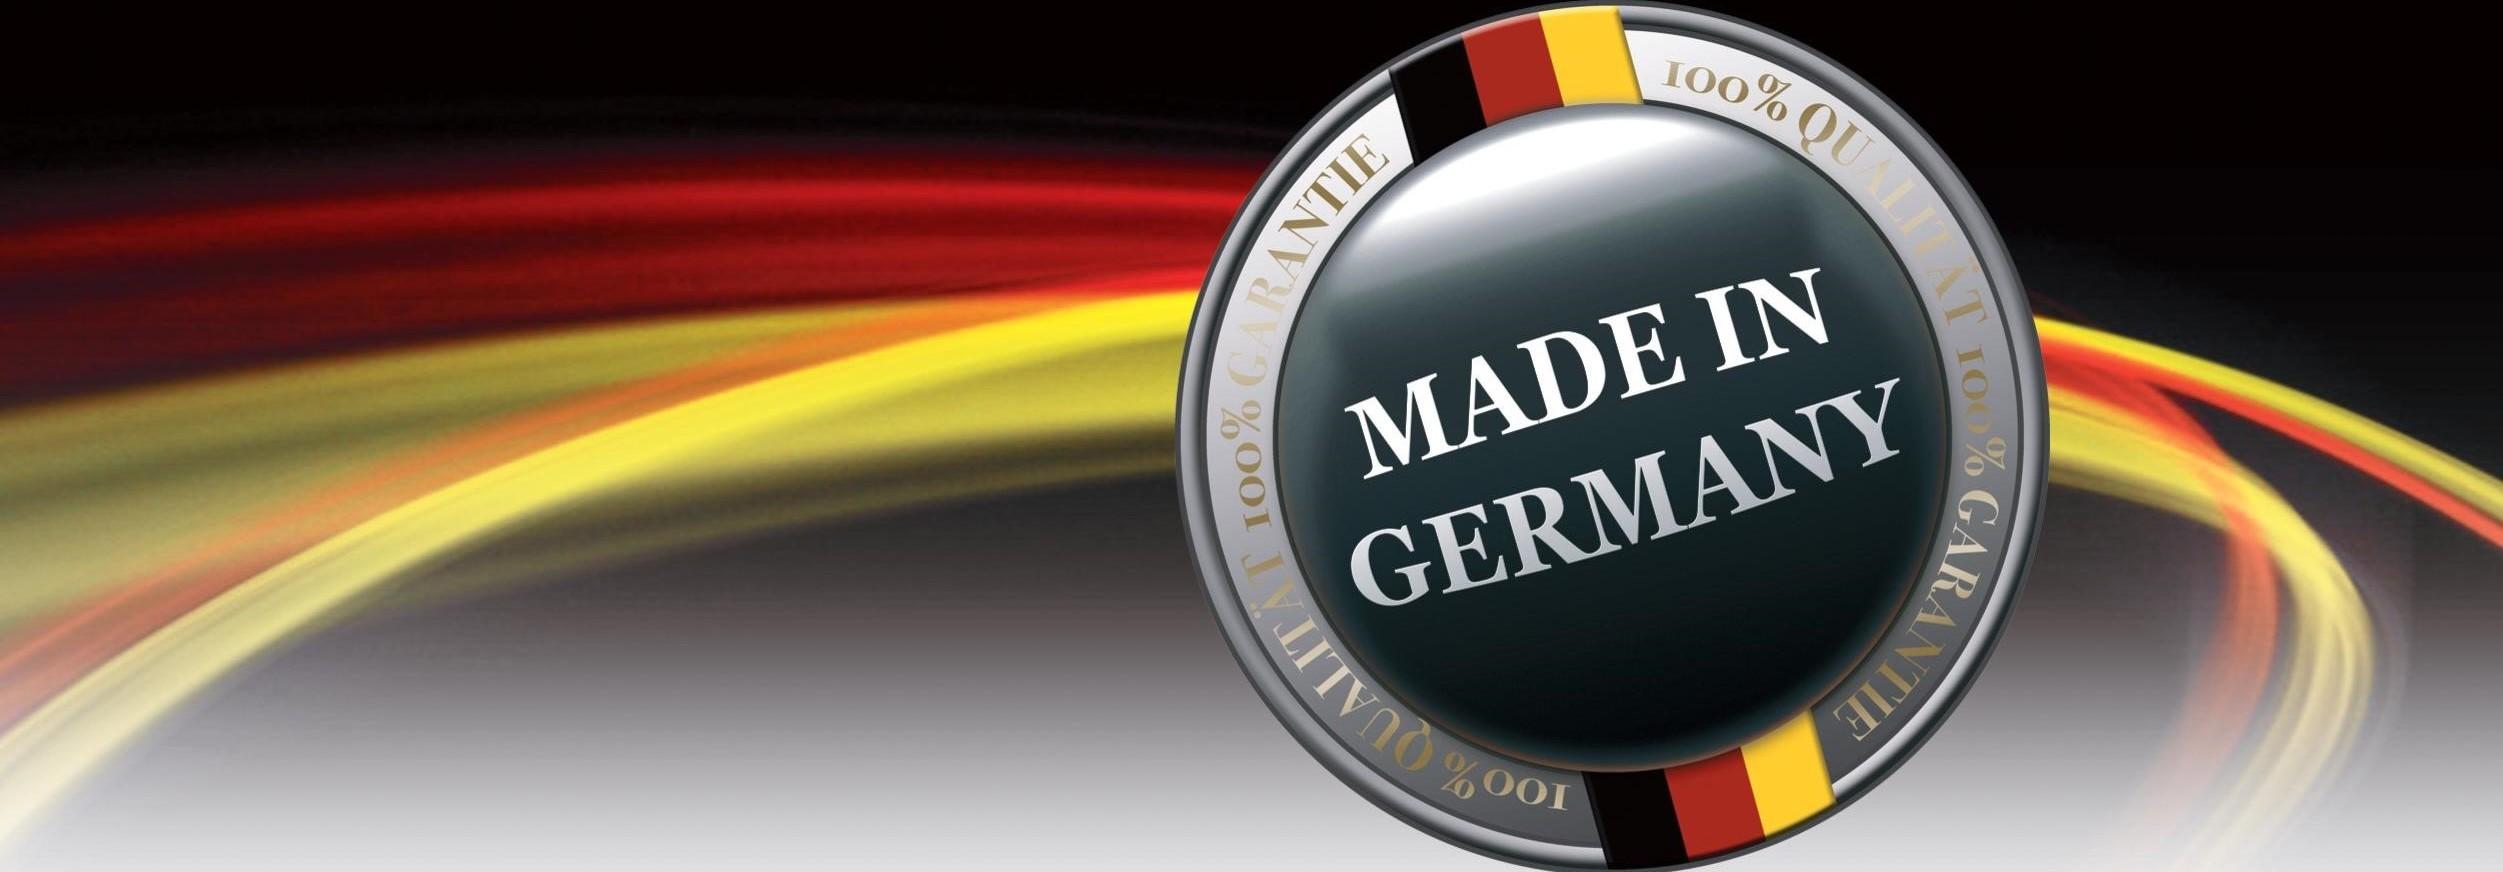 Qualität  –  in Deutschland hergestellt